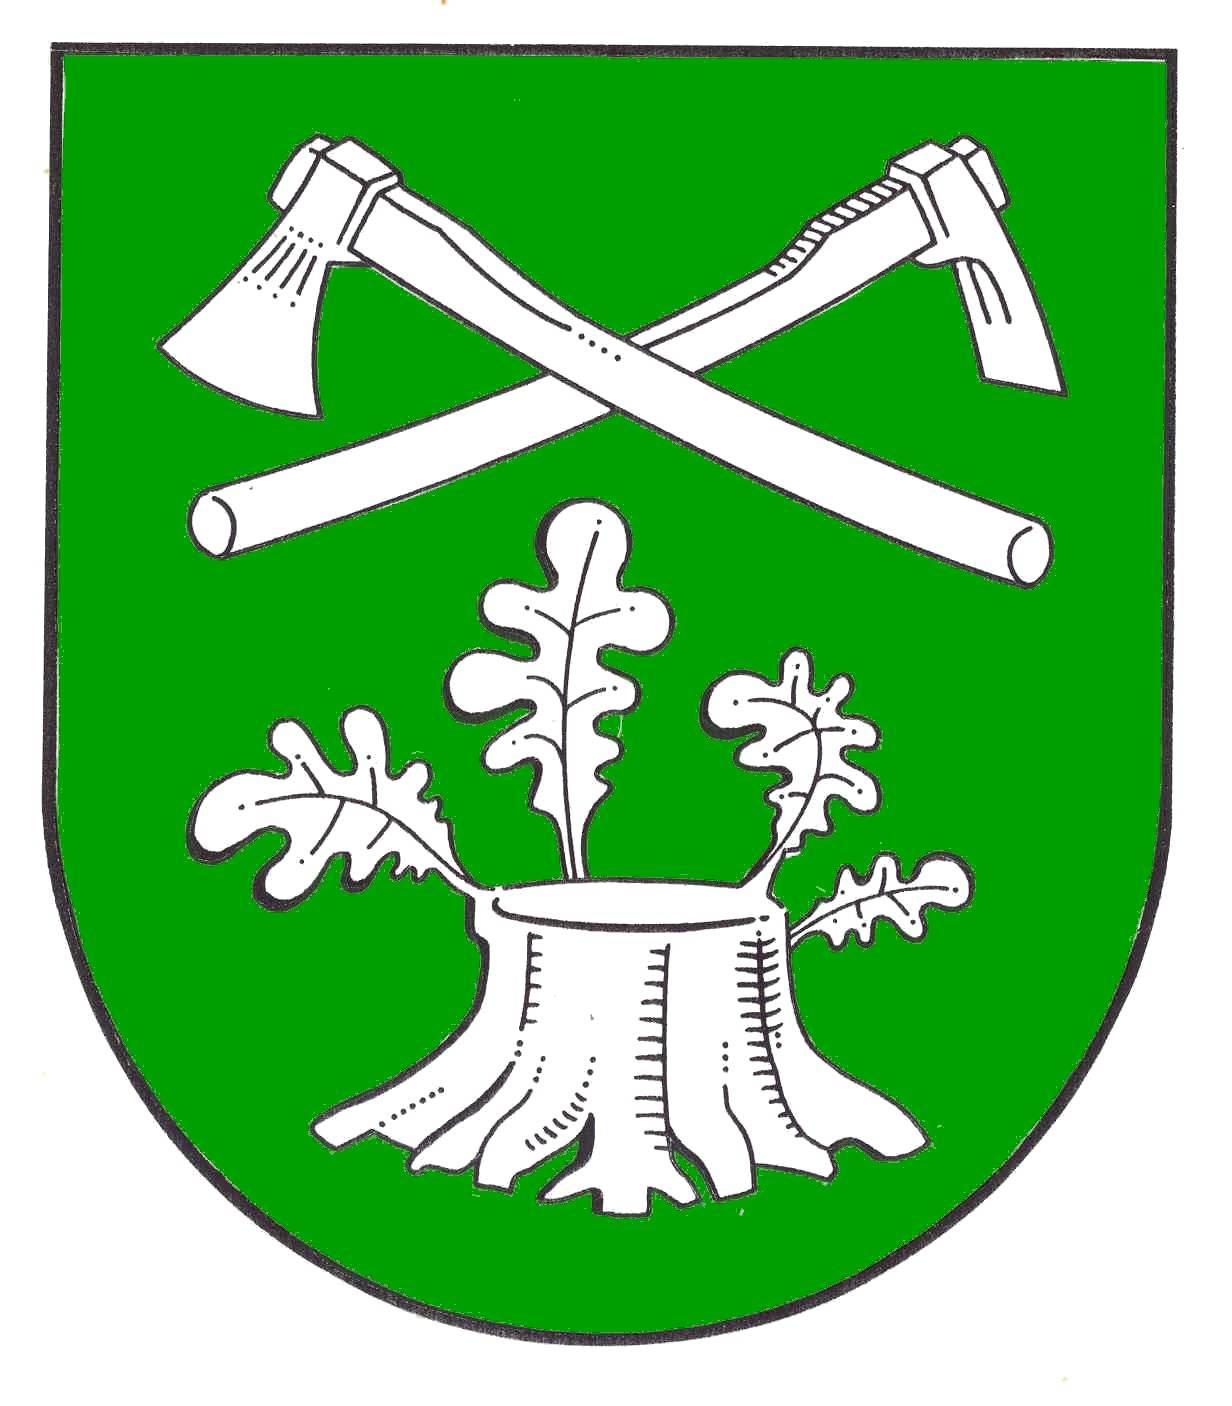 Wappen GemeindeGroßenrade, Kreis Dithmarschen